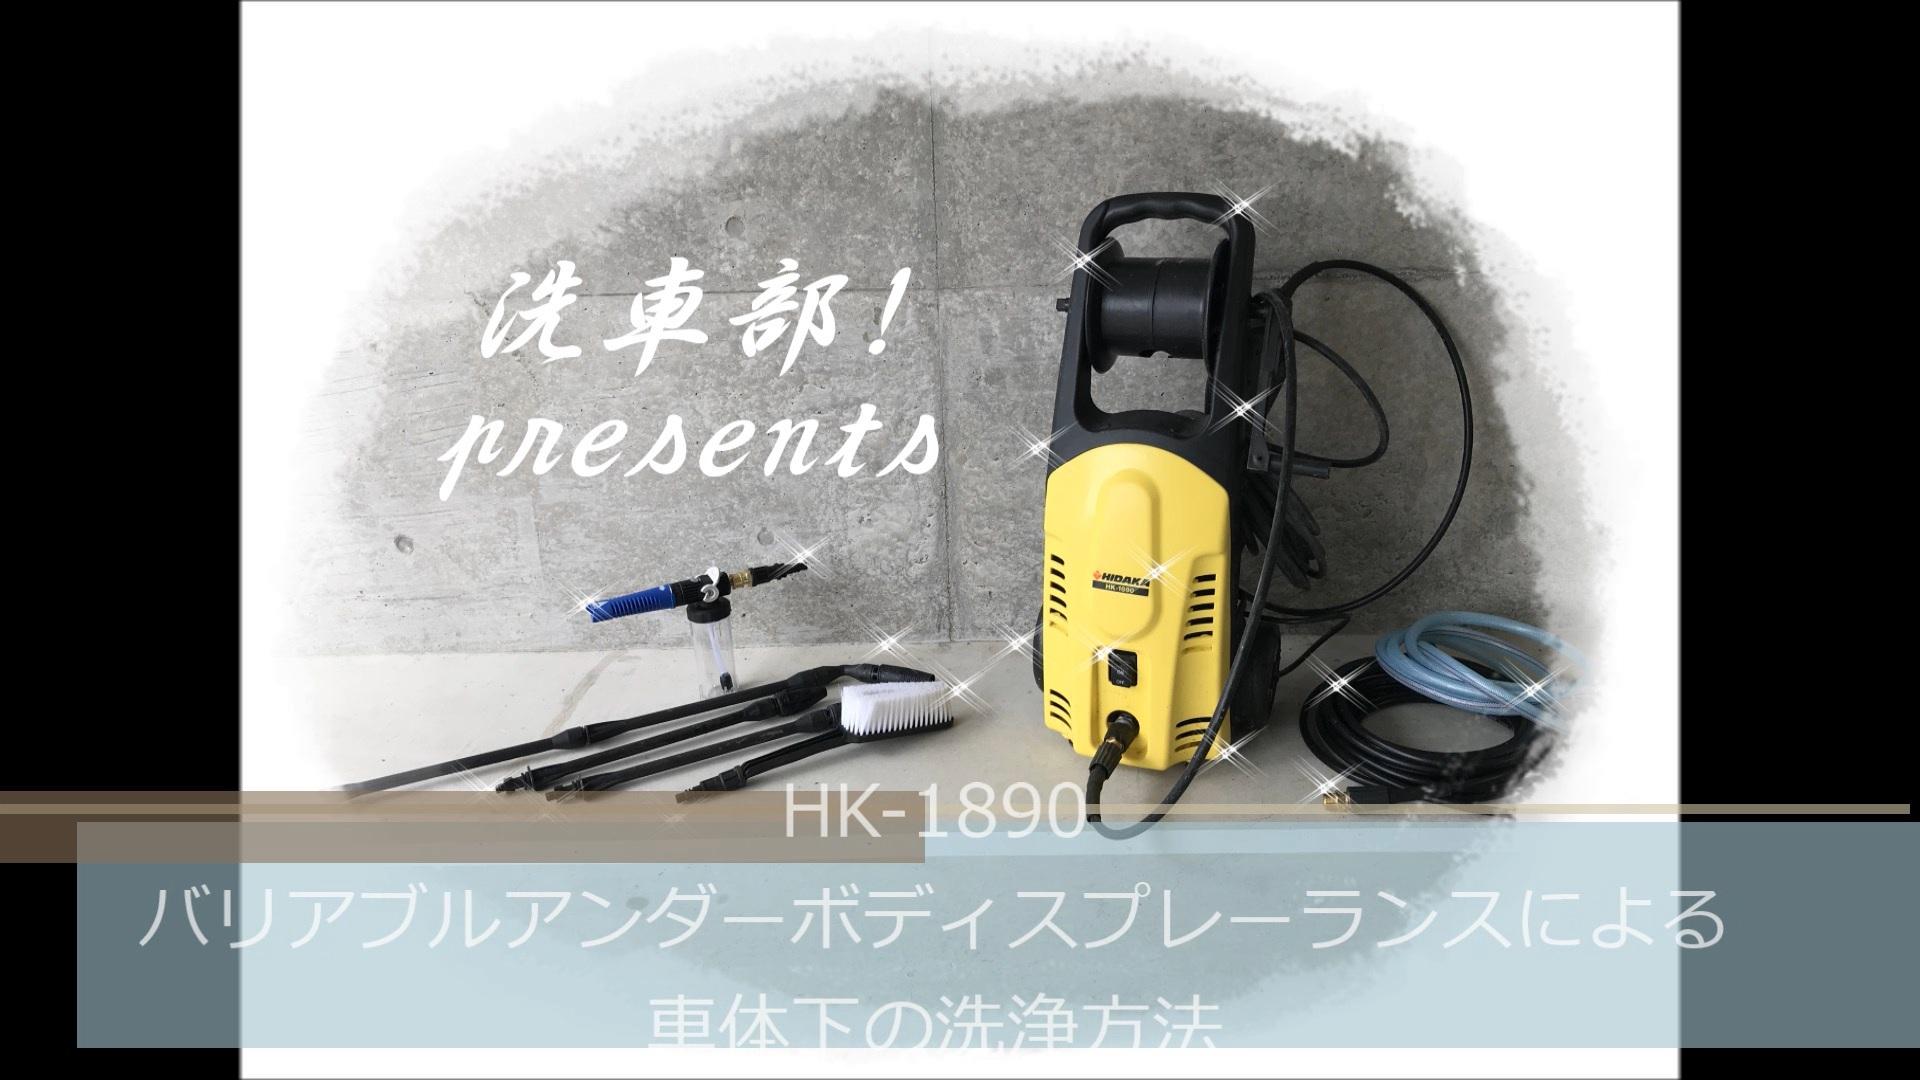 HK-1890バリアブルアンダーボディスプレーランスによる車体下の洗浄方法